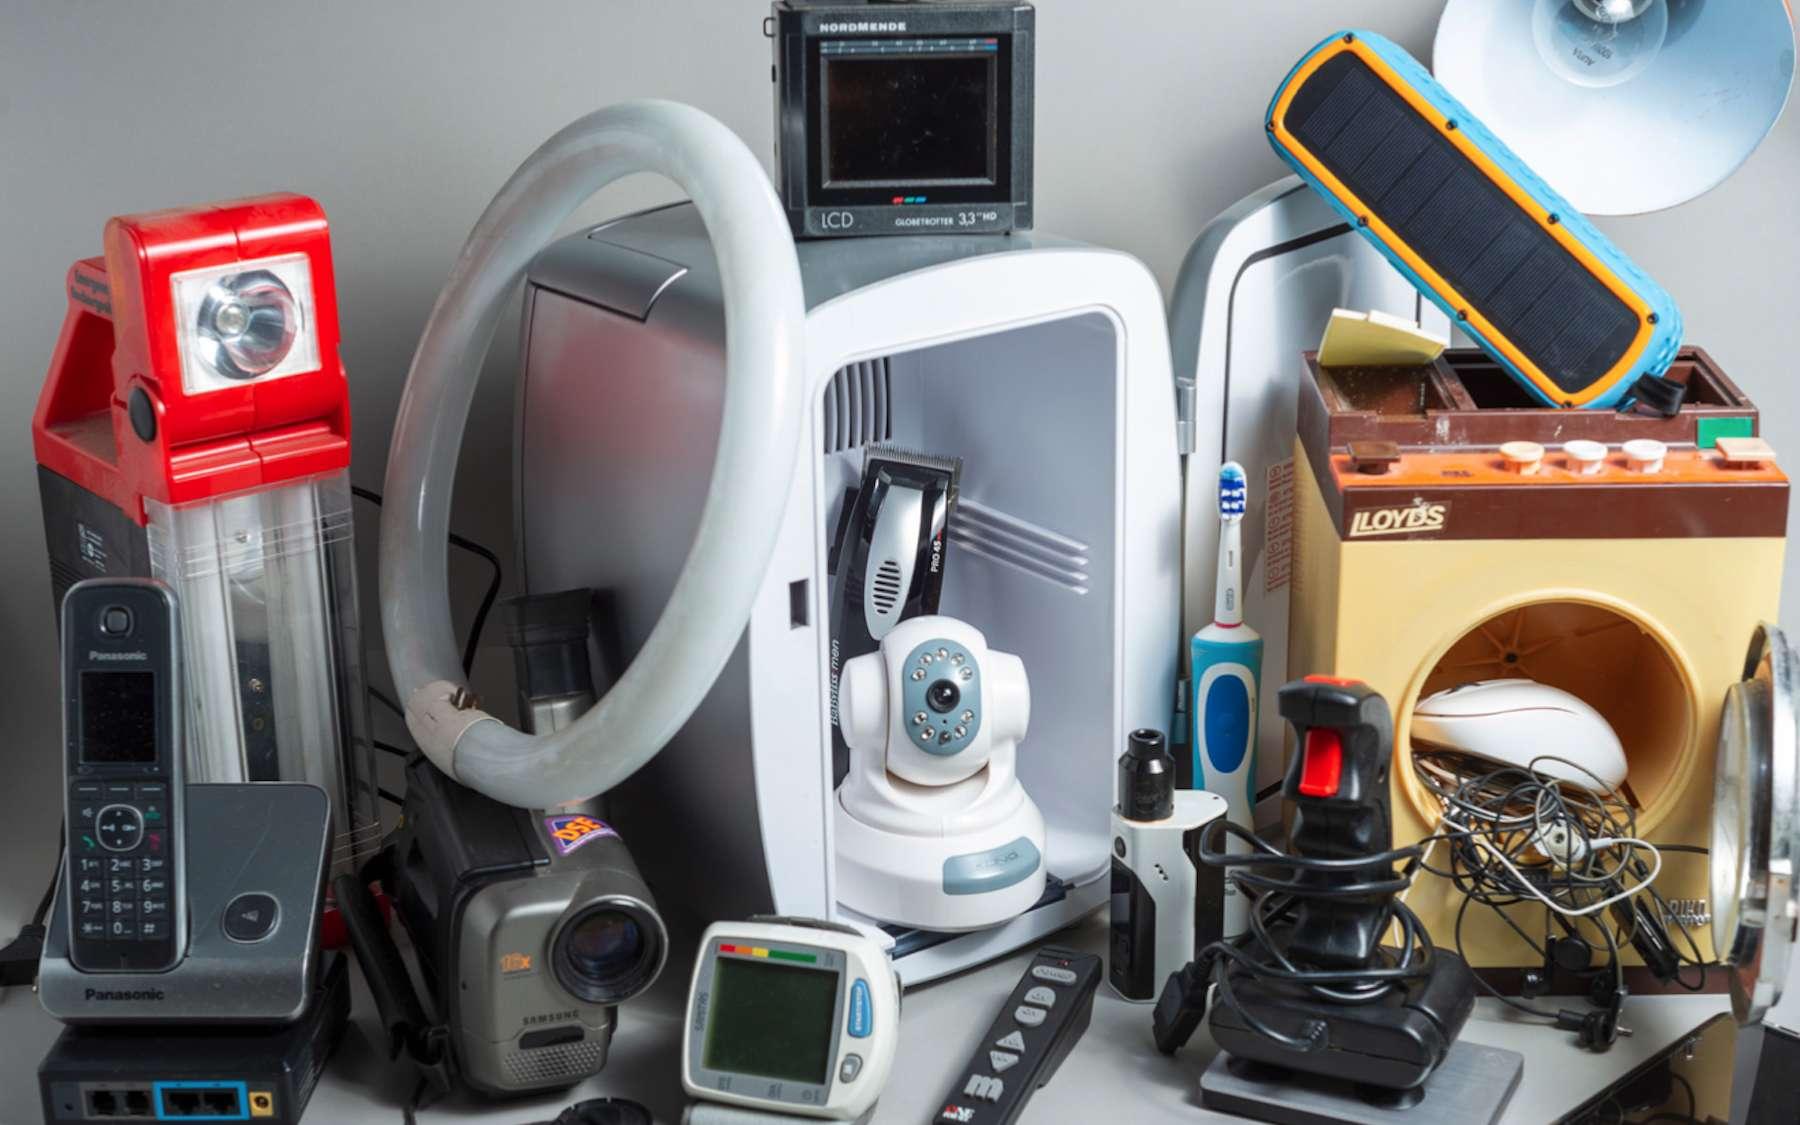 Chaque habitant de la Planète produit 7,3 kilos de déchets électriques et électroniques par an. © UNU-Unitar Scycle, Yassyn Sidki